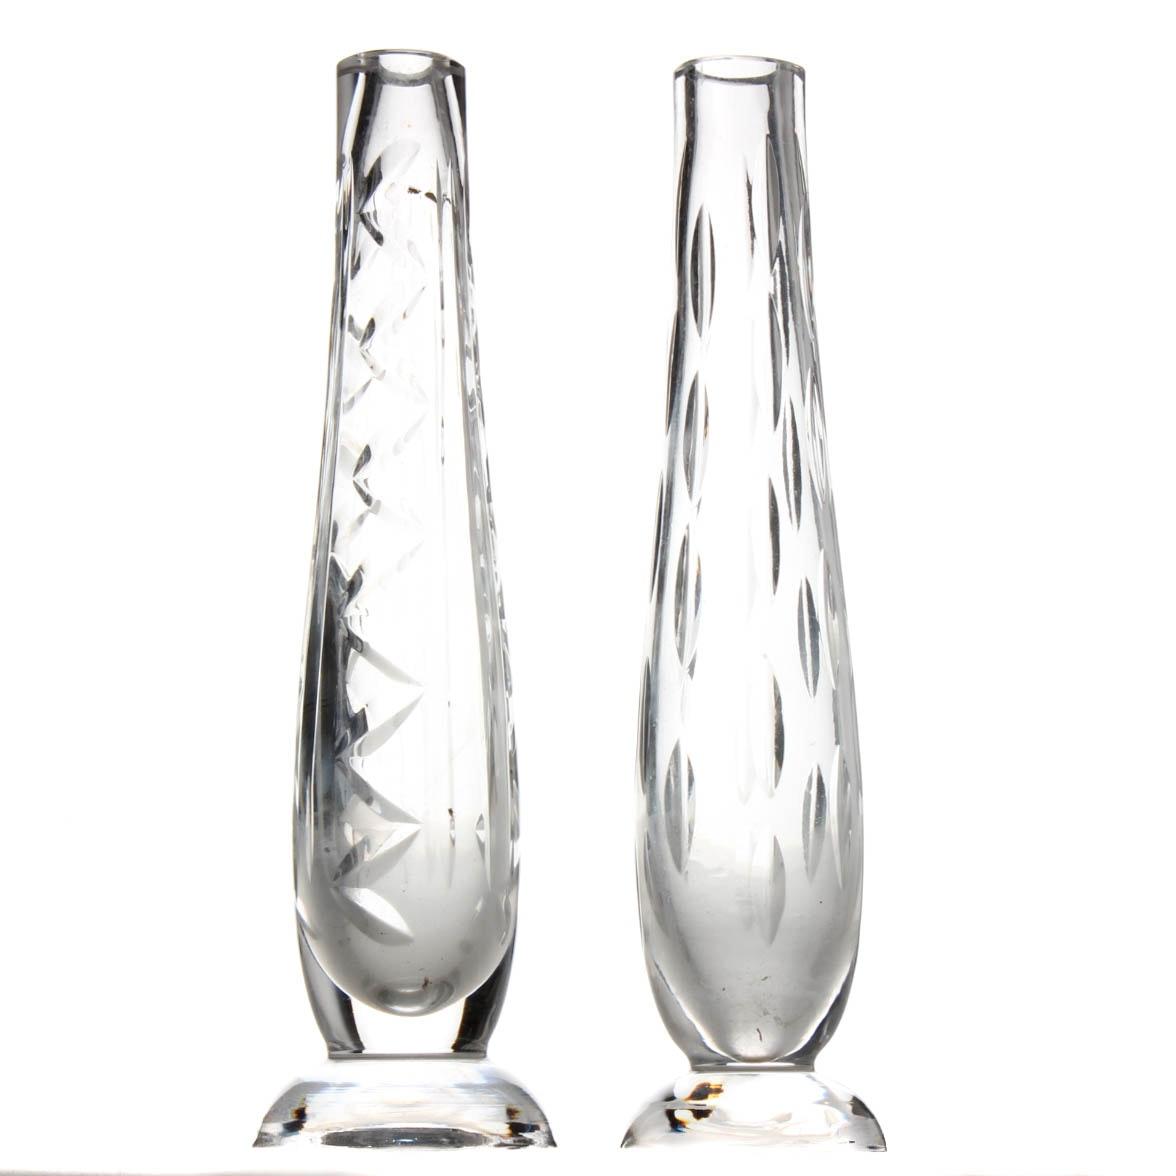 Waterford Crystal Stem Vase Pair